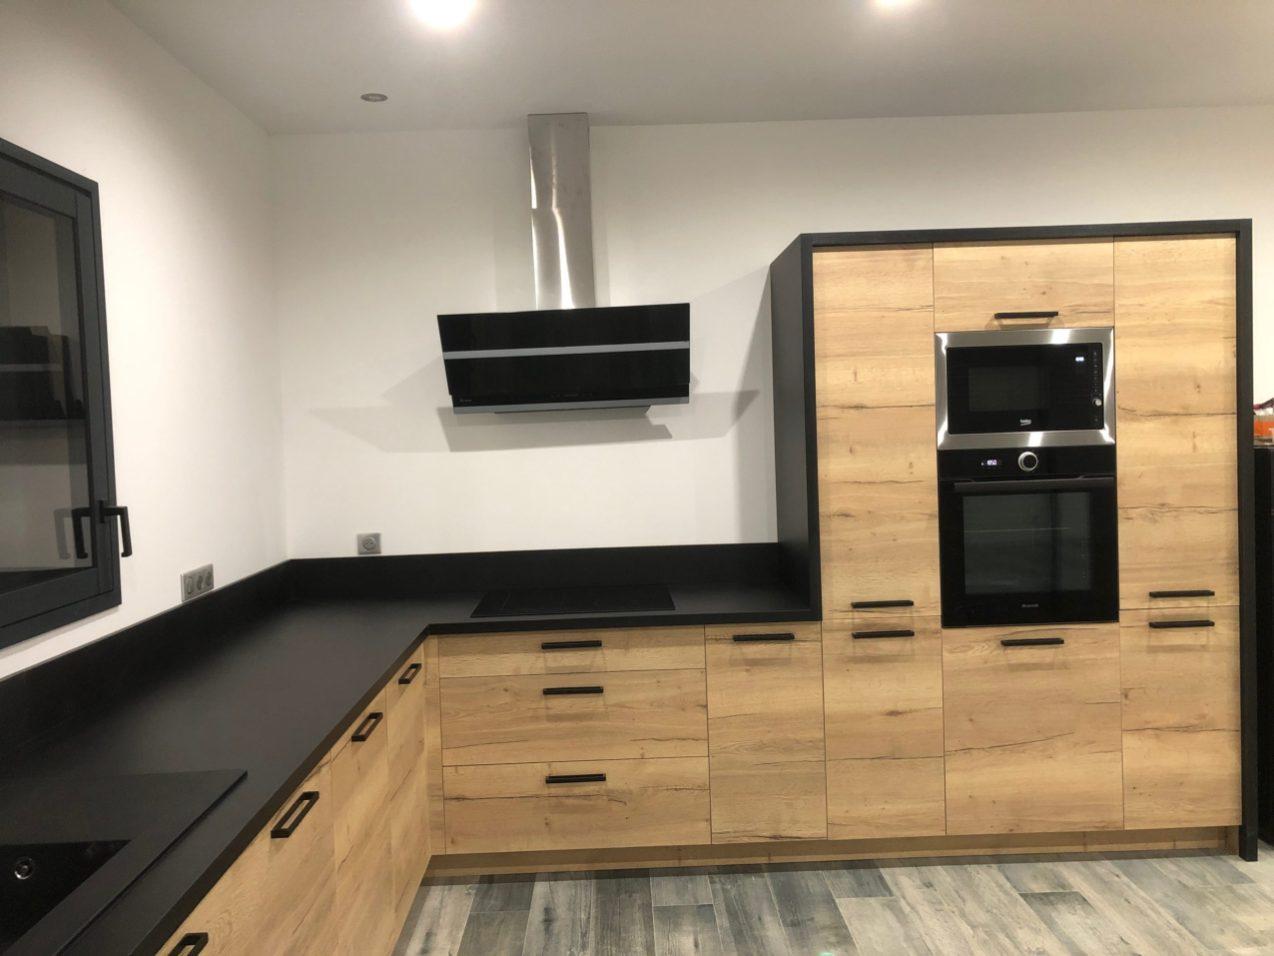 un cuisiniste sur mesure Lure Roye Belfort contemporaine moderne bois noir